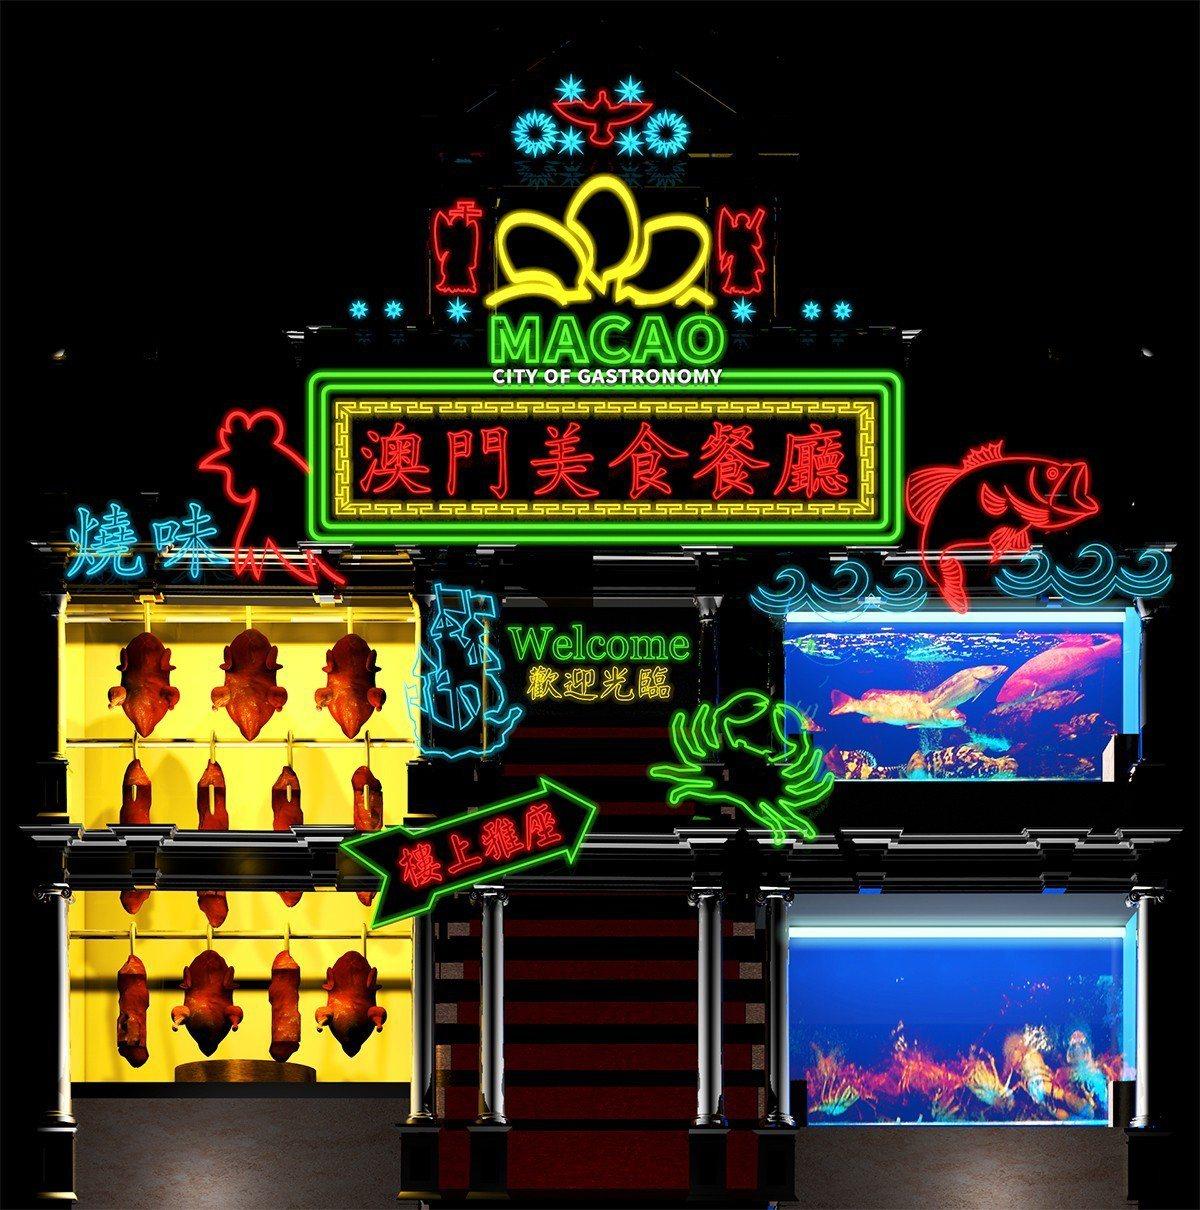 今年澳門光影節結合澳門美食、人文、建築、文創等元素。 圖/澳門旅遊局提供